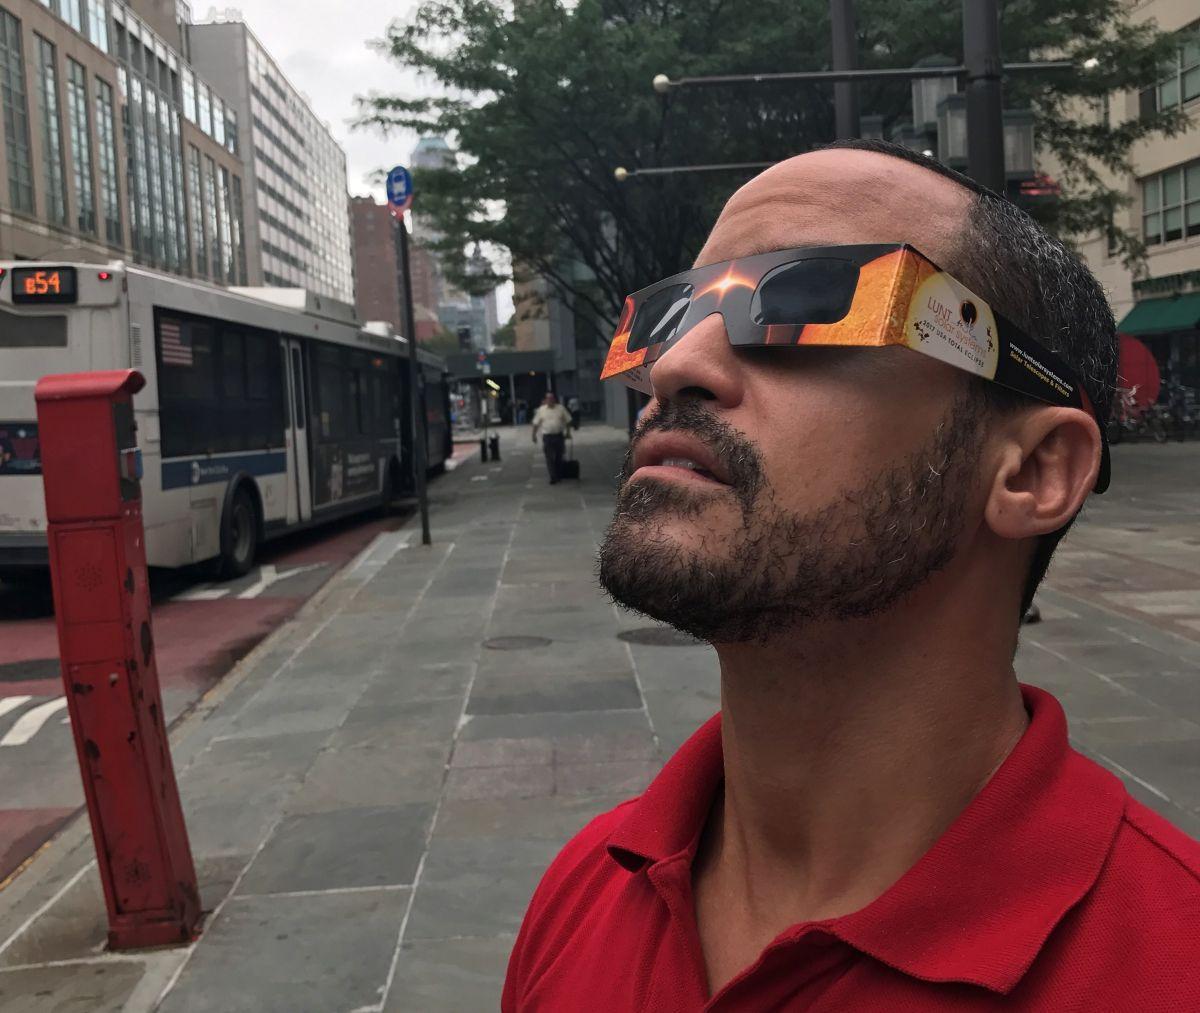 Para proteger sus ojo, los expertos sugieren utilizar gafas de eclipse certificadas ISO12312-2, que son recomendadas por la Sociedad Astronómica Americana.